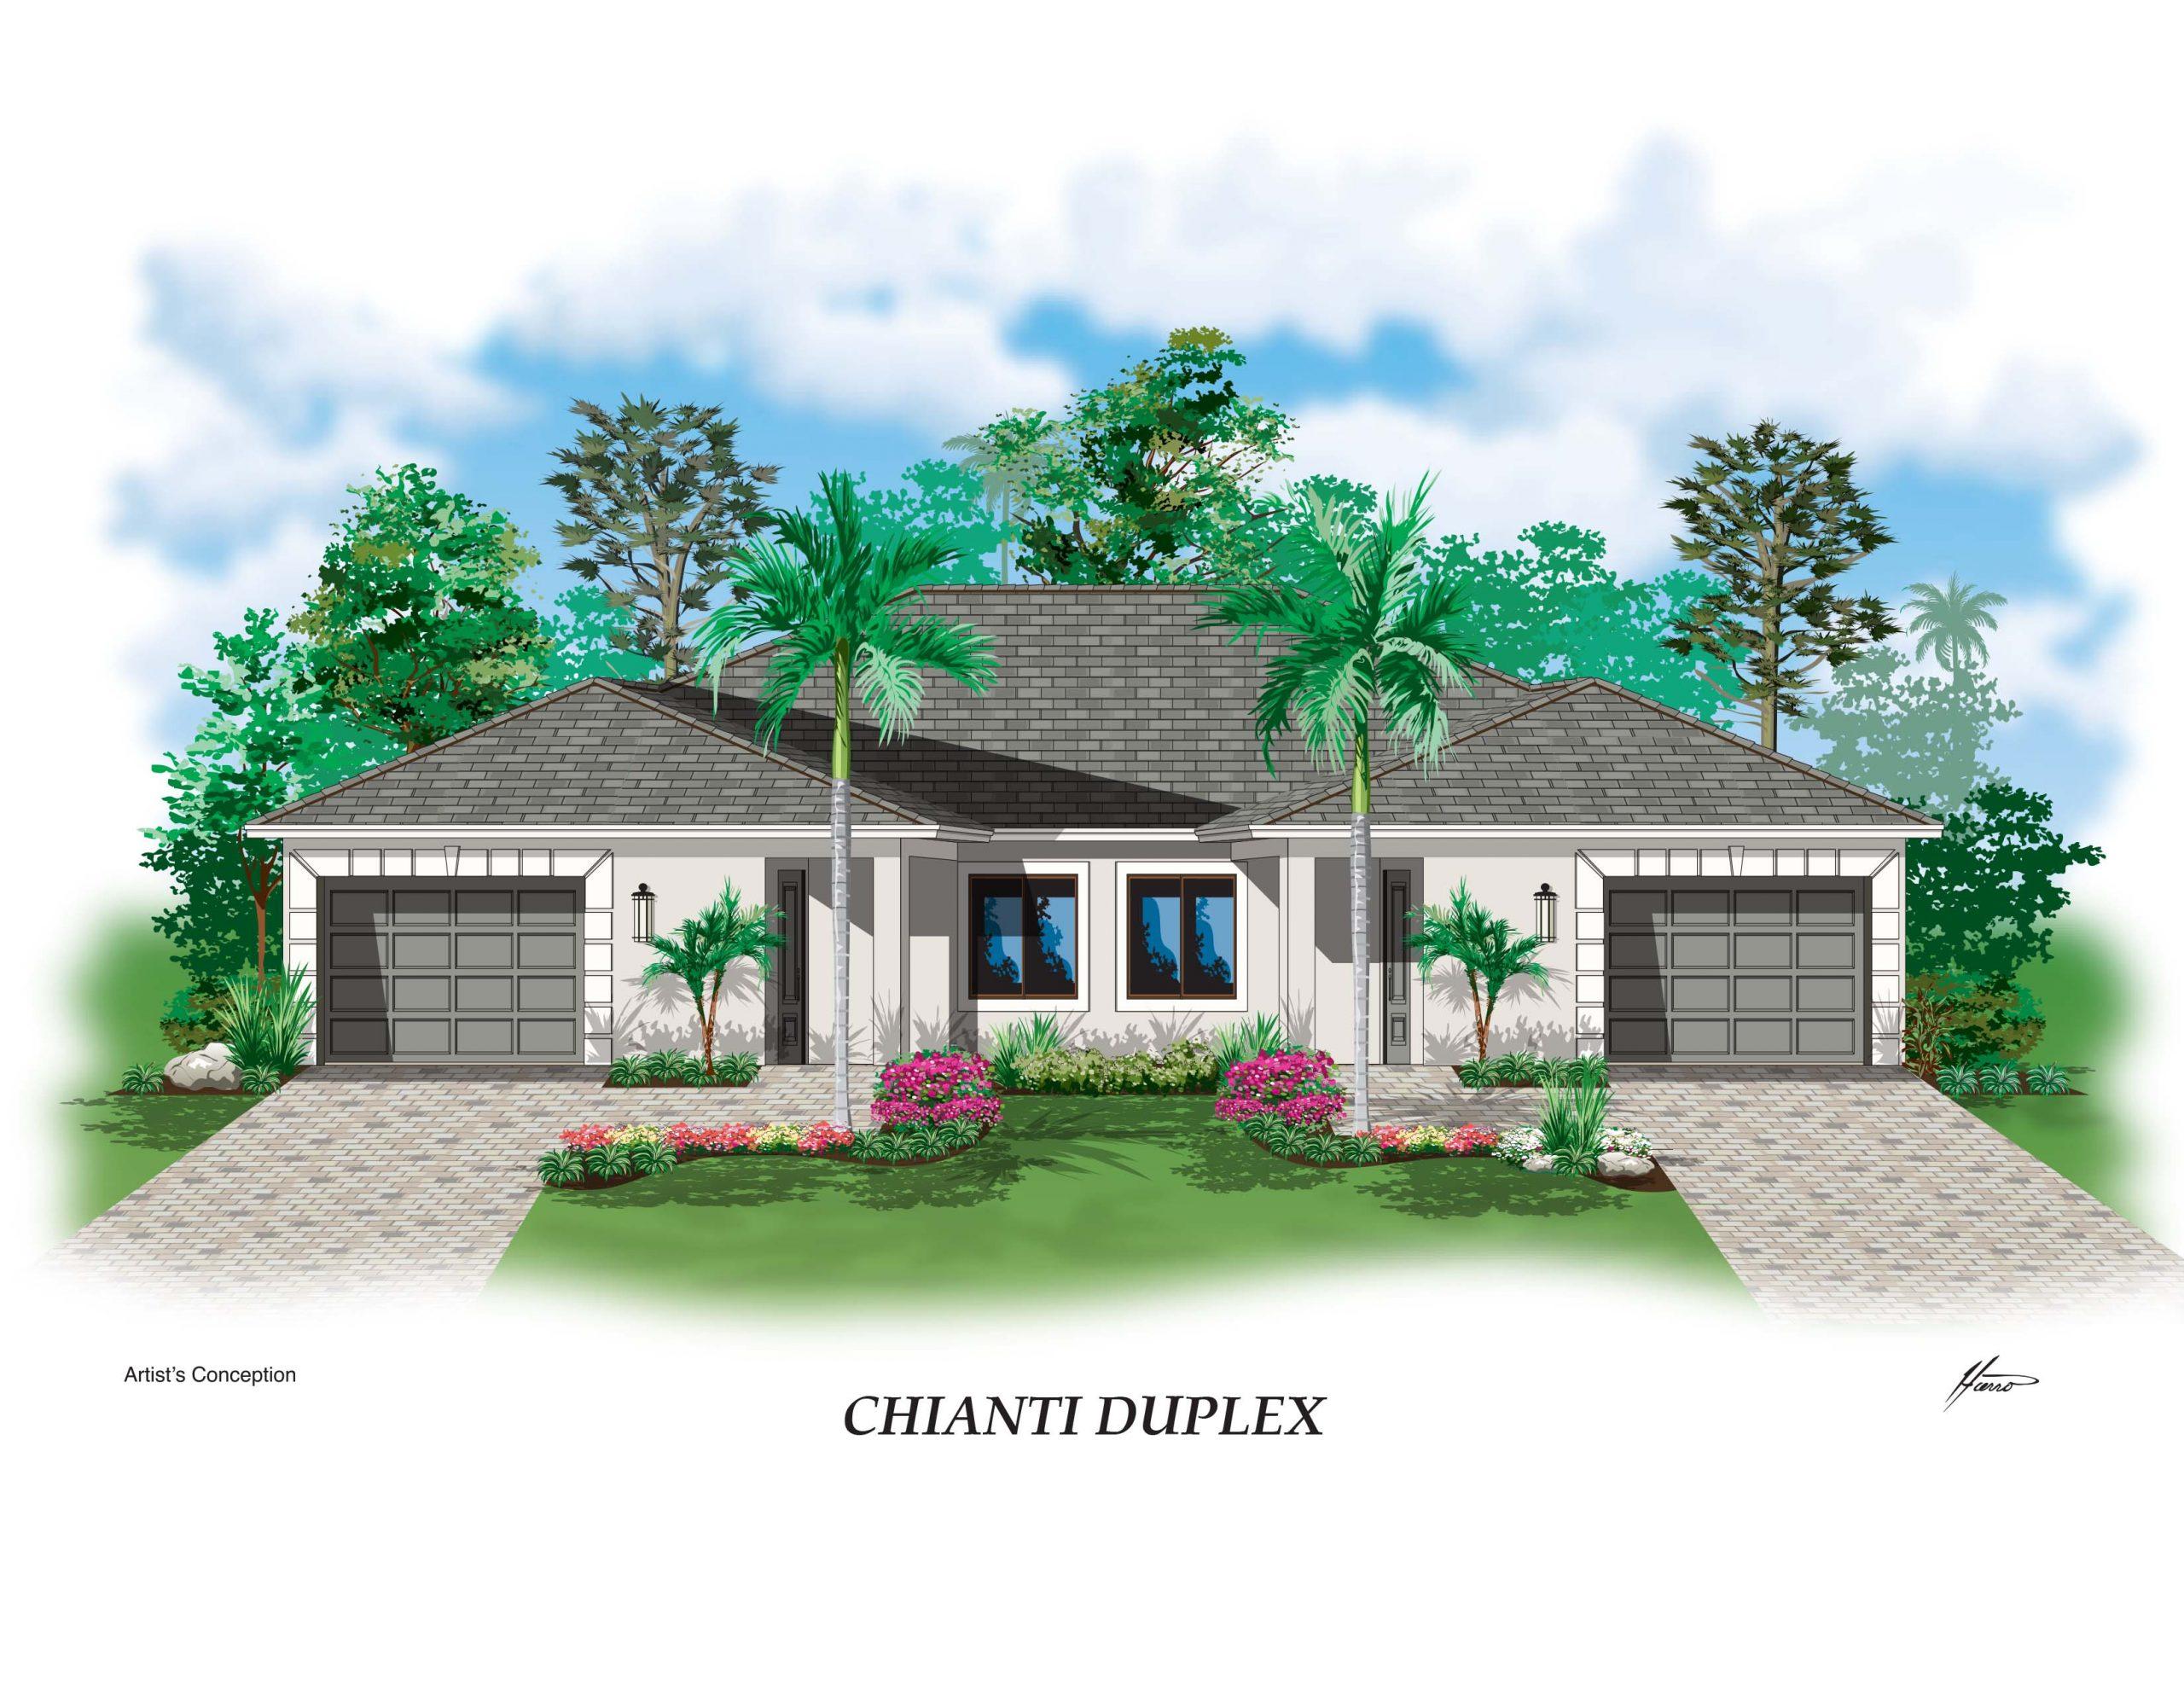 Chianti Duplex Elev Florida